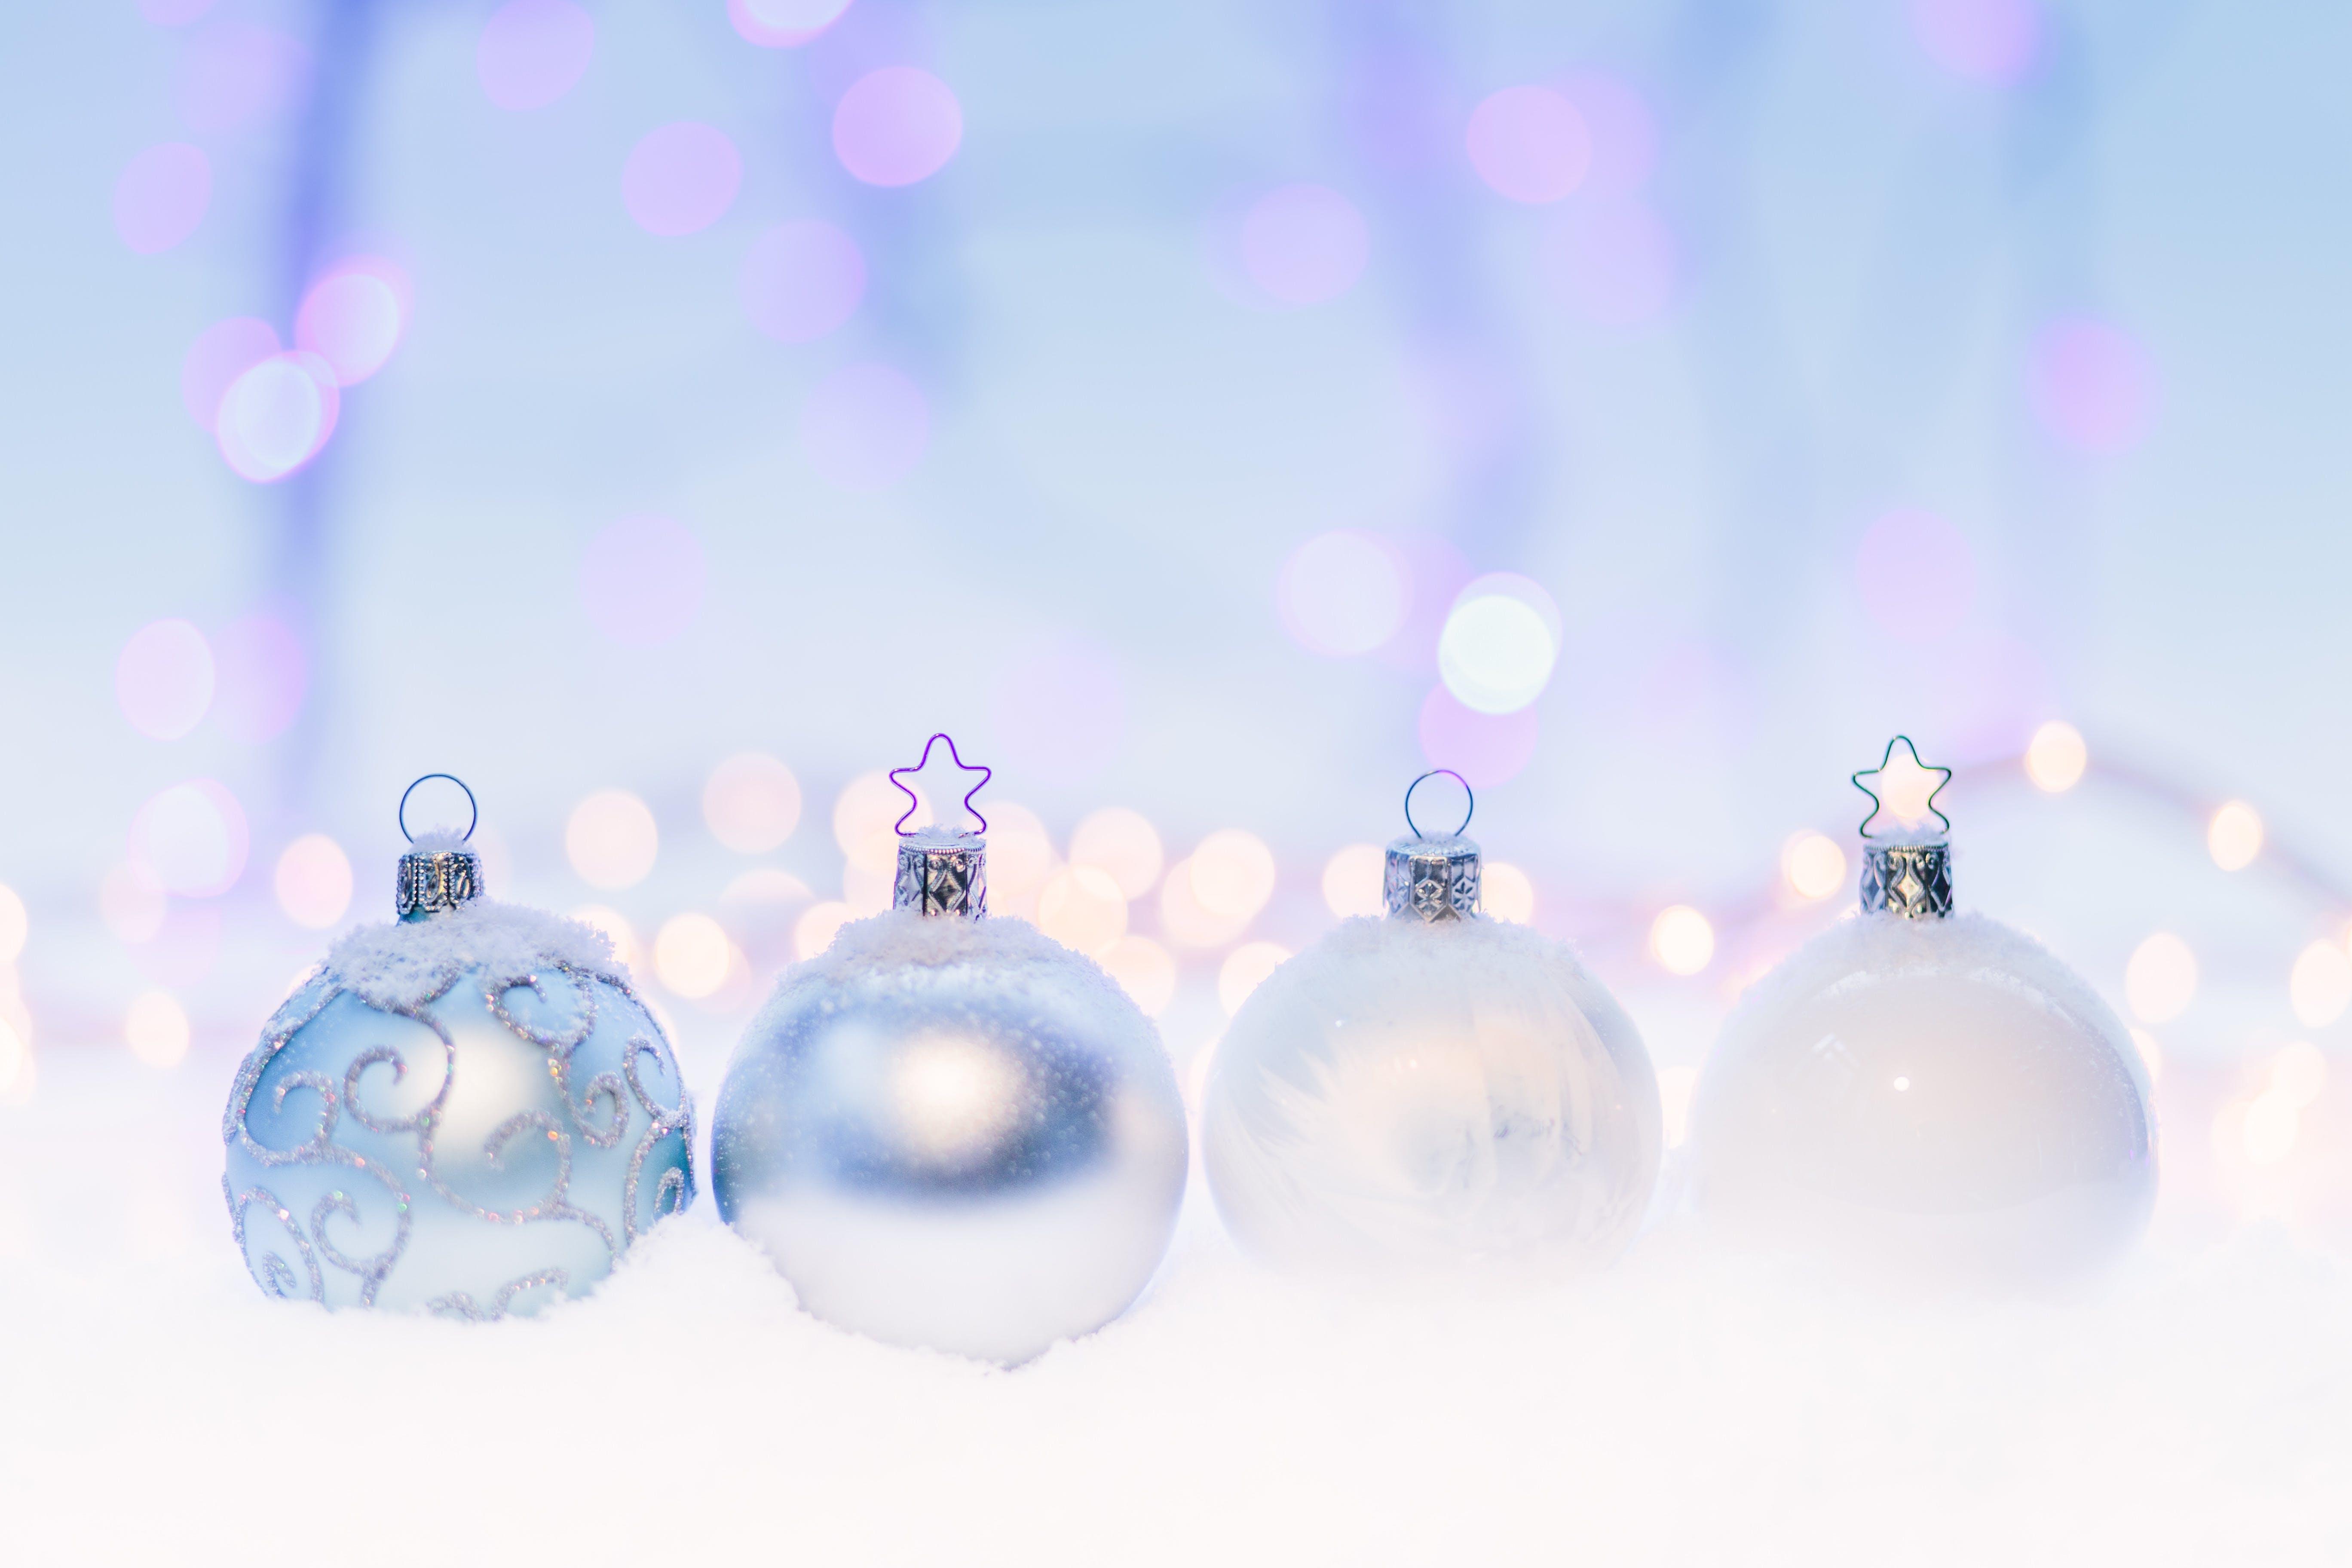 クリスマス, クリスマスデコレーション, クリスマスボール